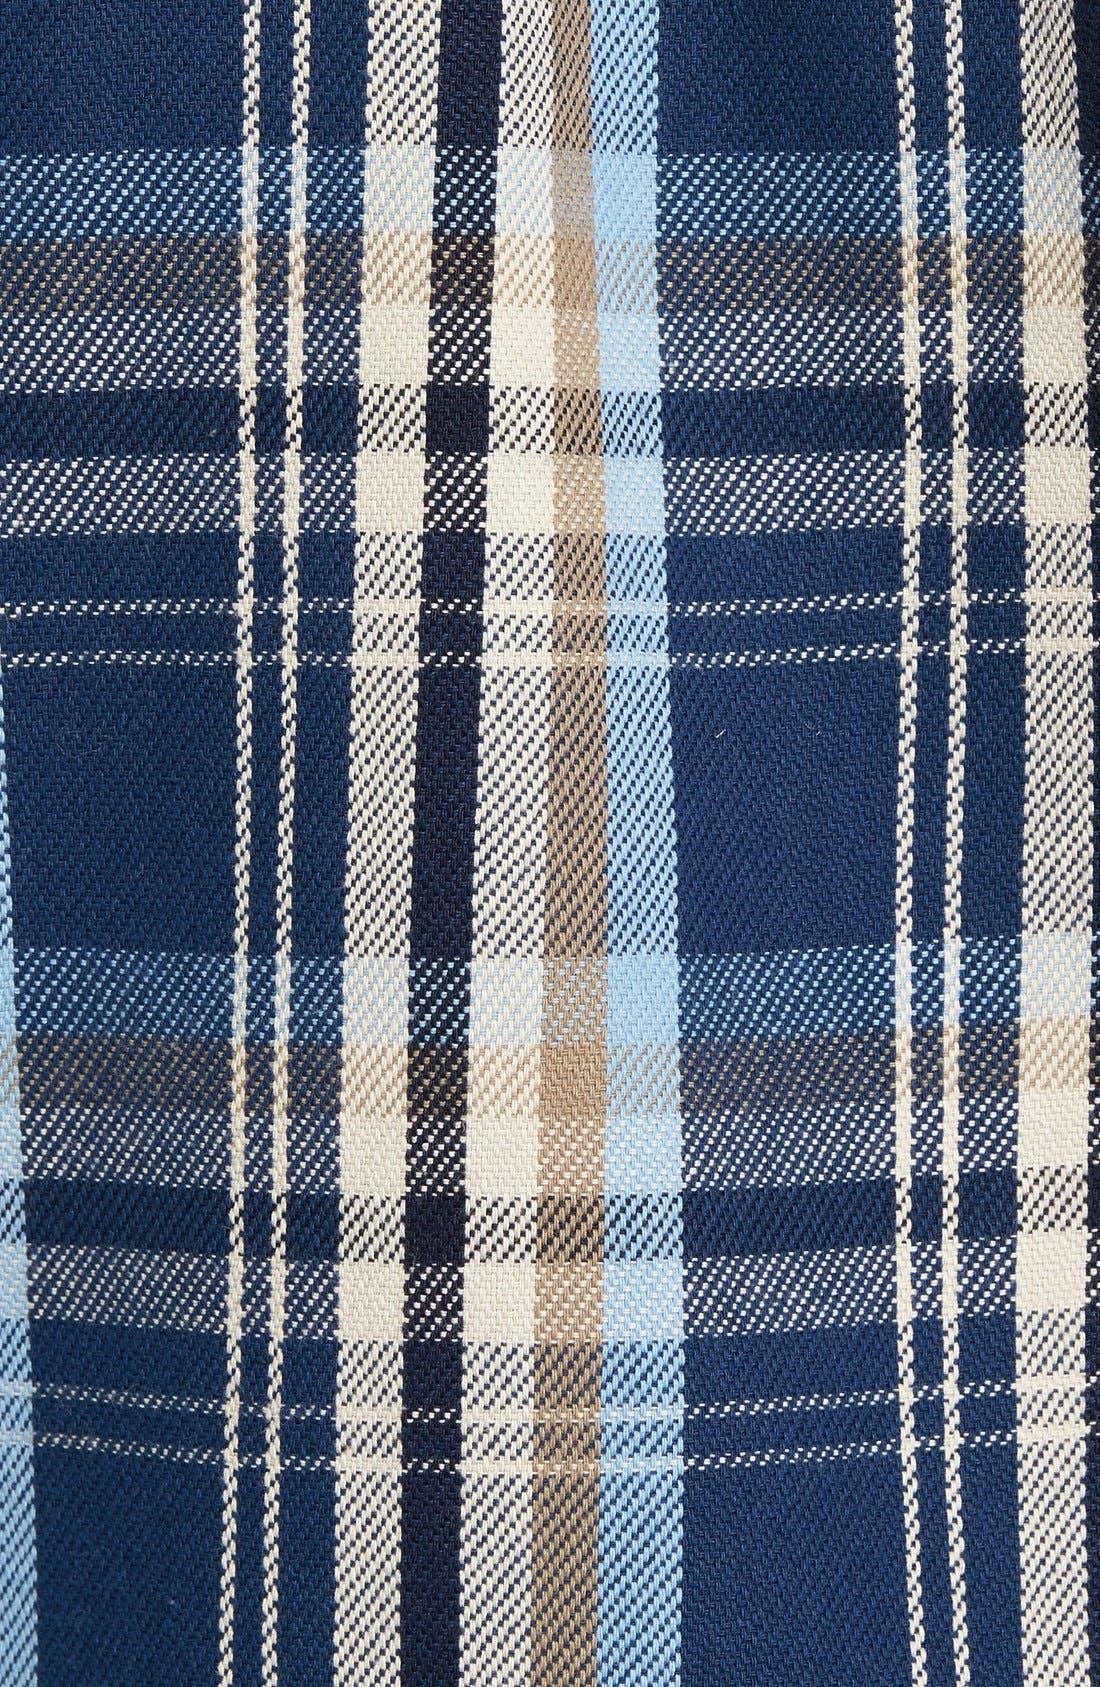 Classic Fit Plaid Flannel Shirt,                             Alternate thumbnail 5, color,                             Blue